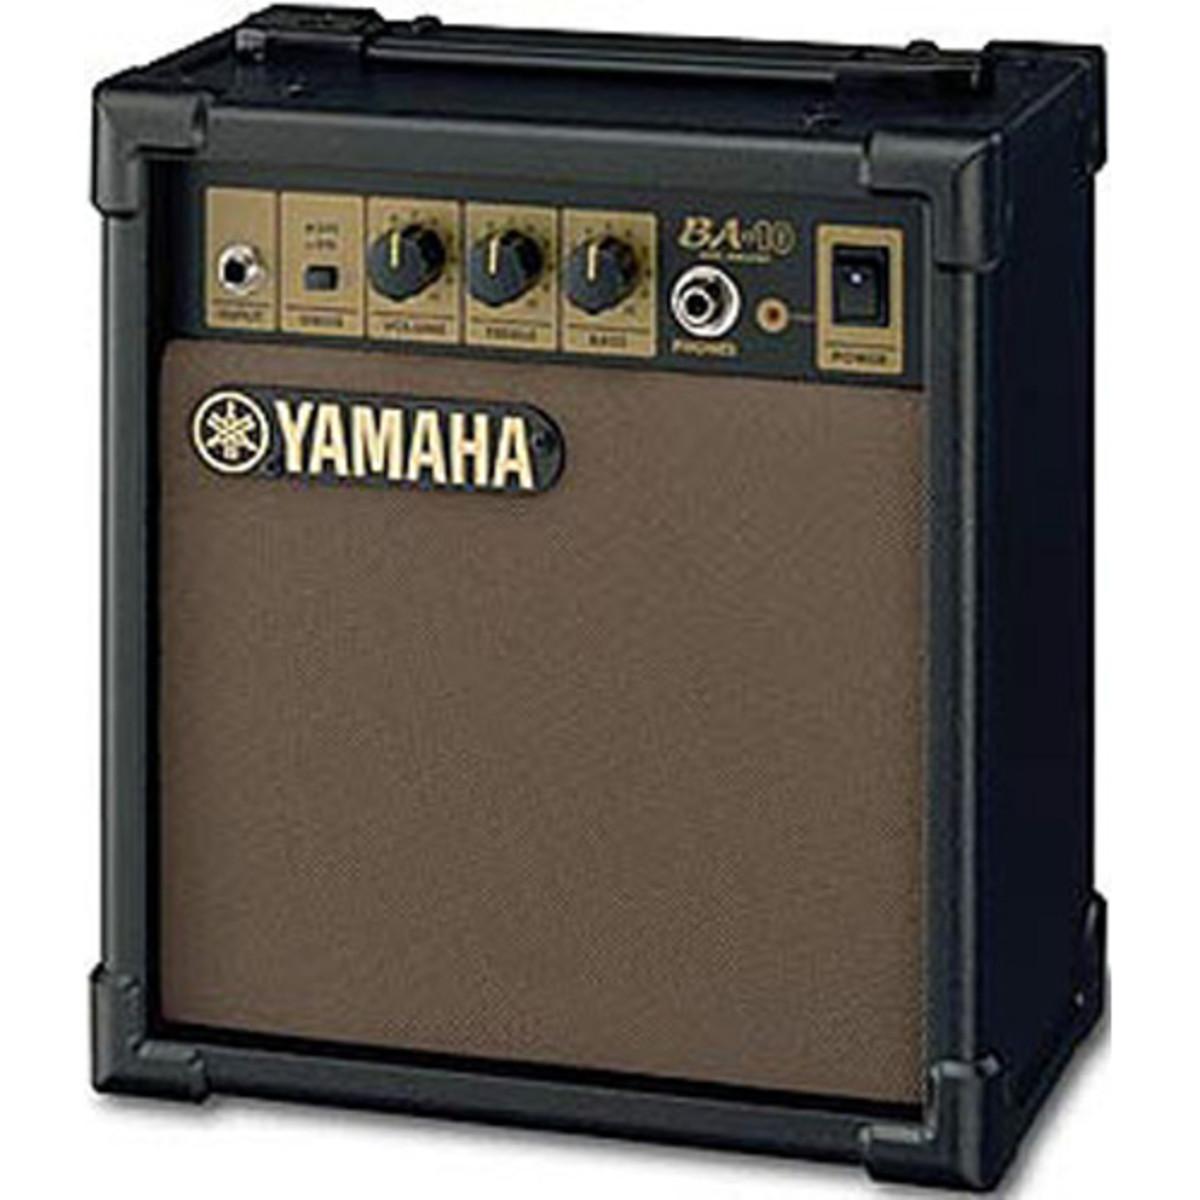 Discontinued yamaha ba10 amplifier at for Yamaha bass guitar amplifier